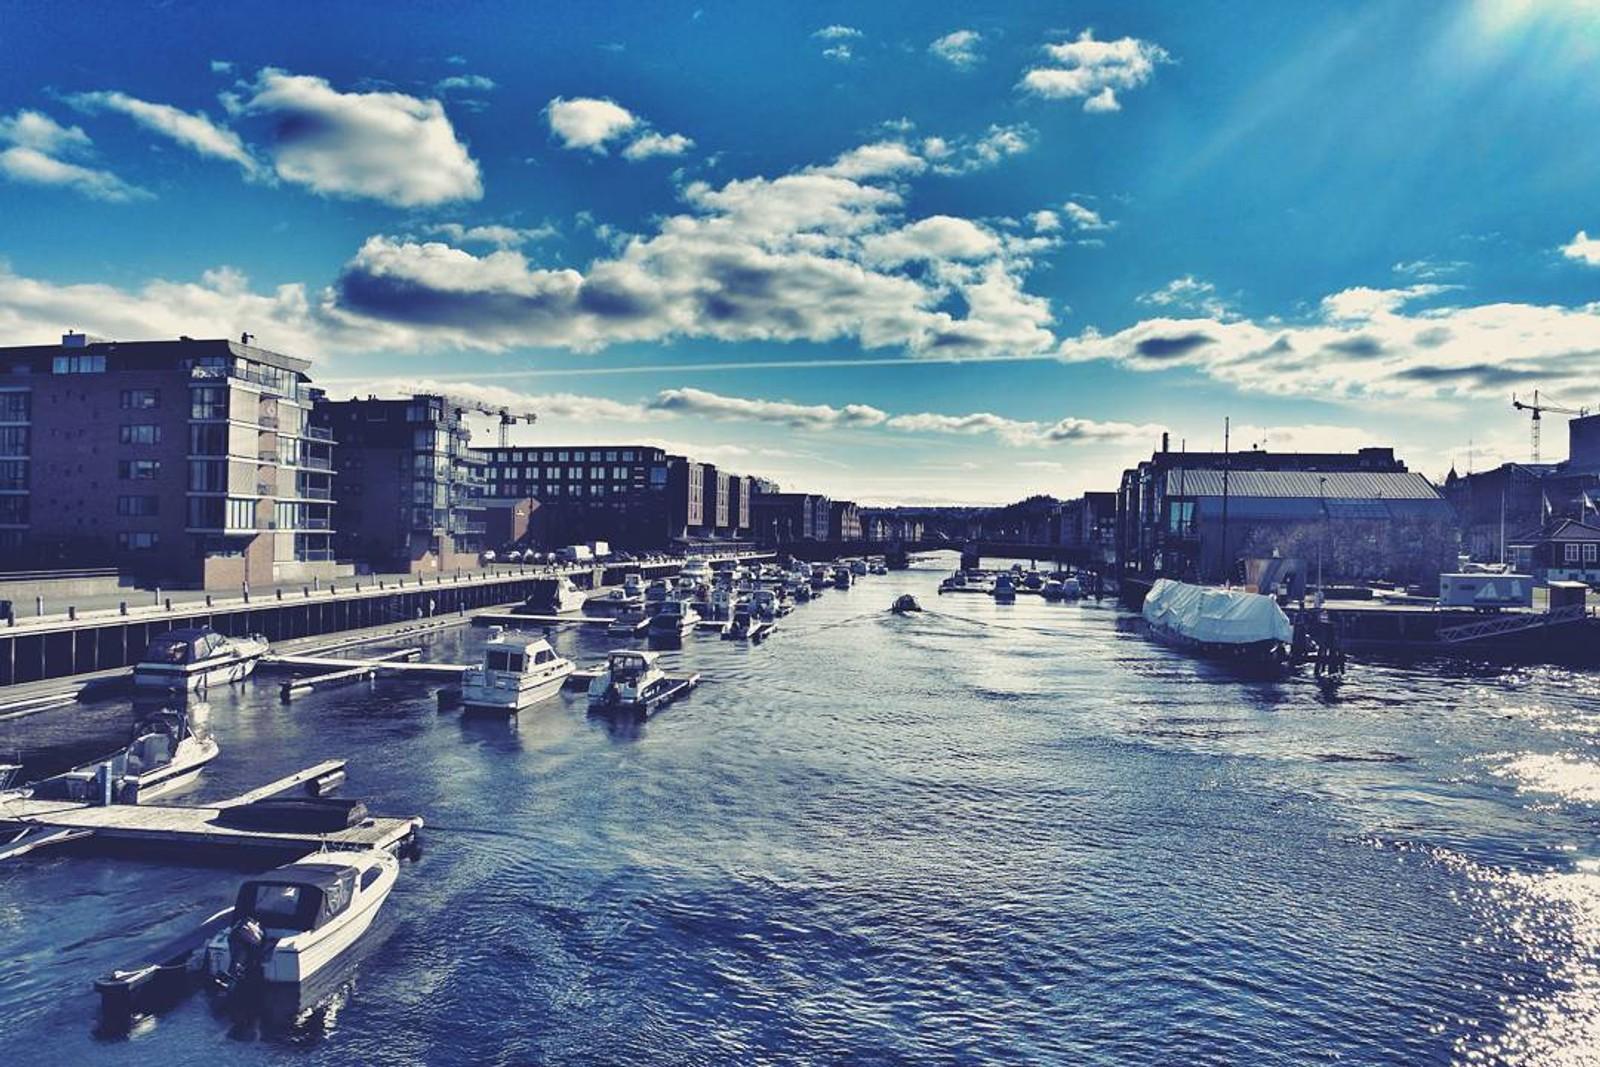 Påskesol i Trondheim.